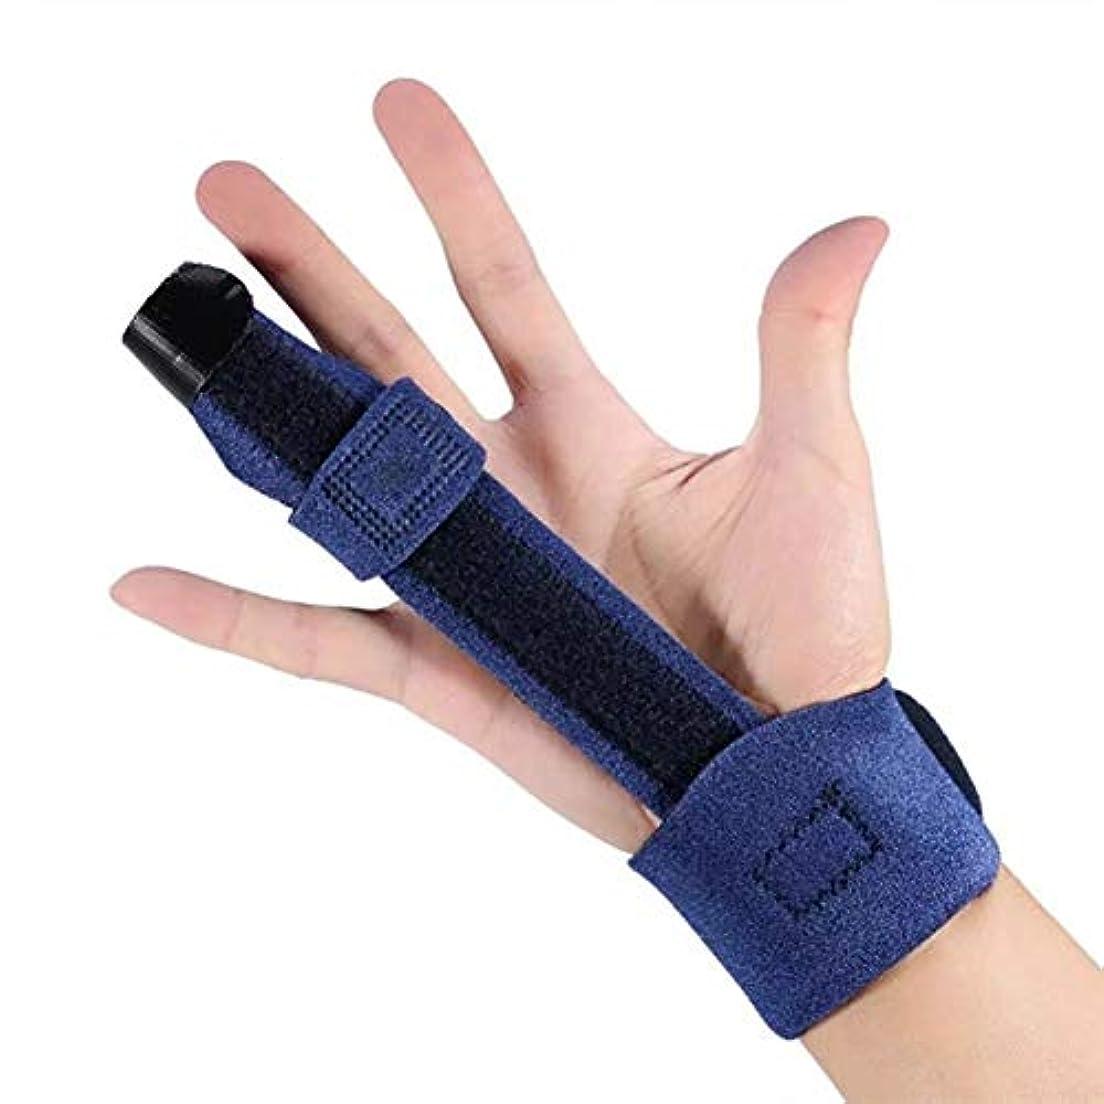 あなたは詐欺花婿スプリント指、指拡張スプリント、ばね指、マレット指のため、可鍛性金属ハンドスプリントフィンガーサポート(調節可能なマジックテープ)